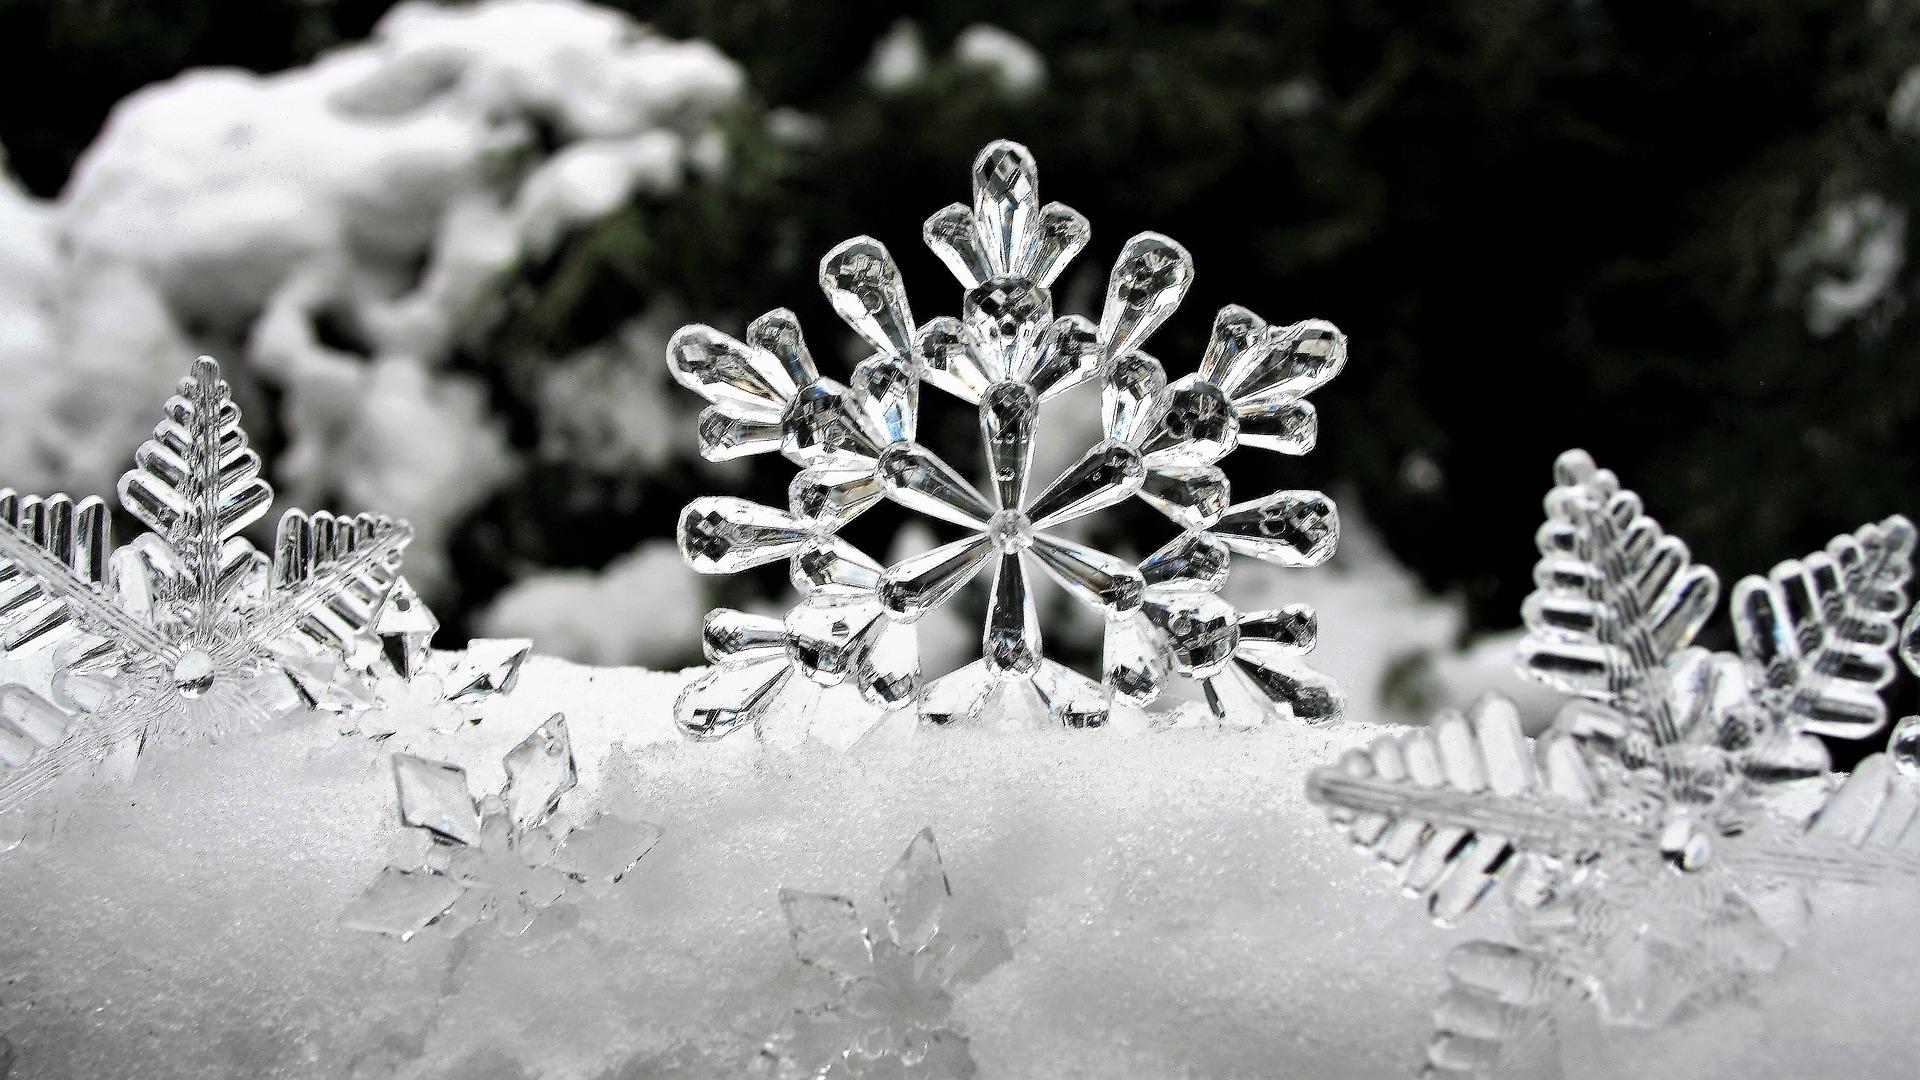 ice-3009009_1920